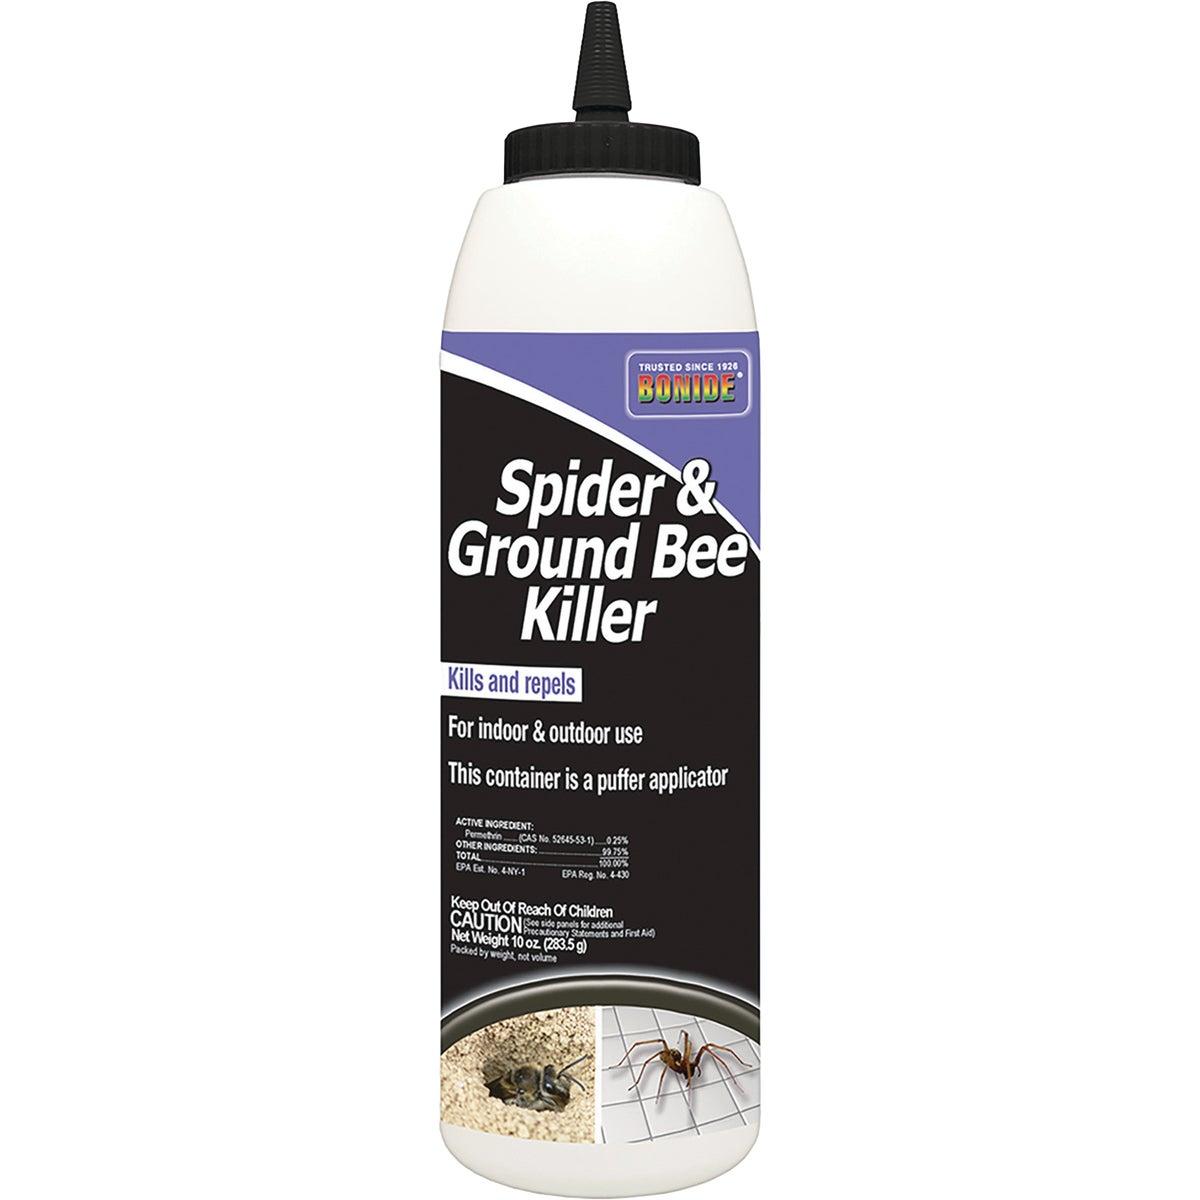 SPIDER & BEE KILLER